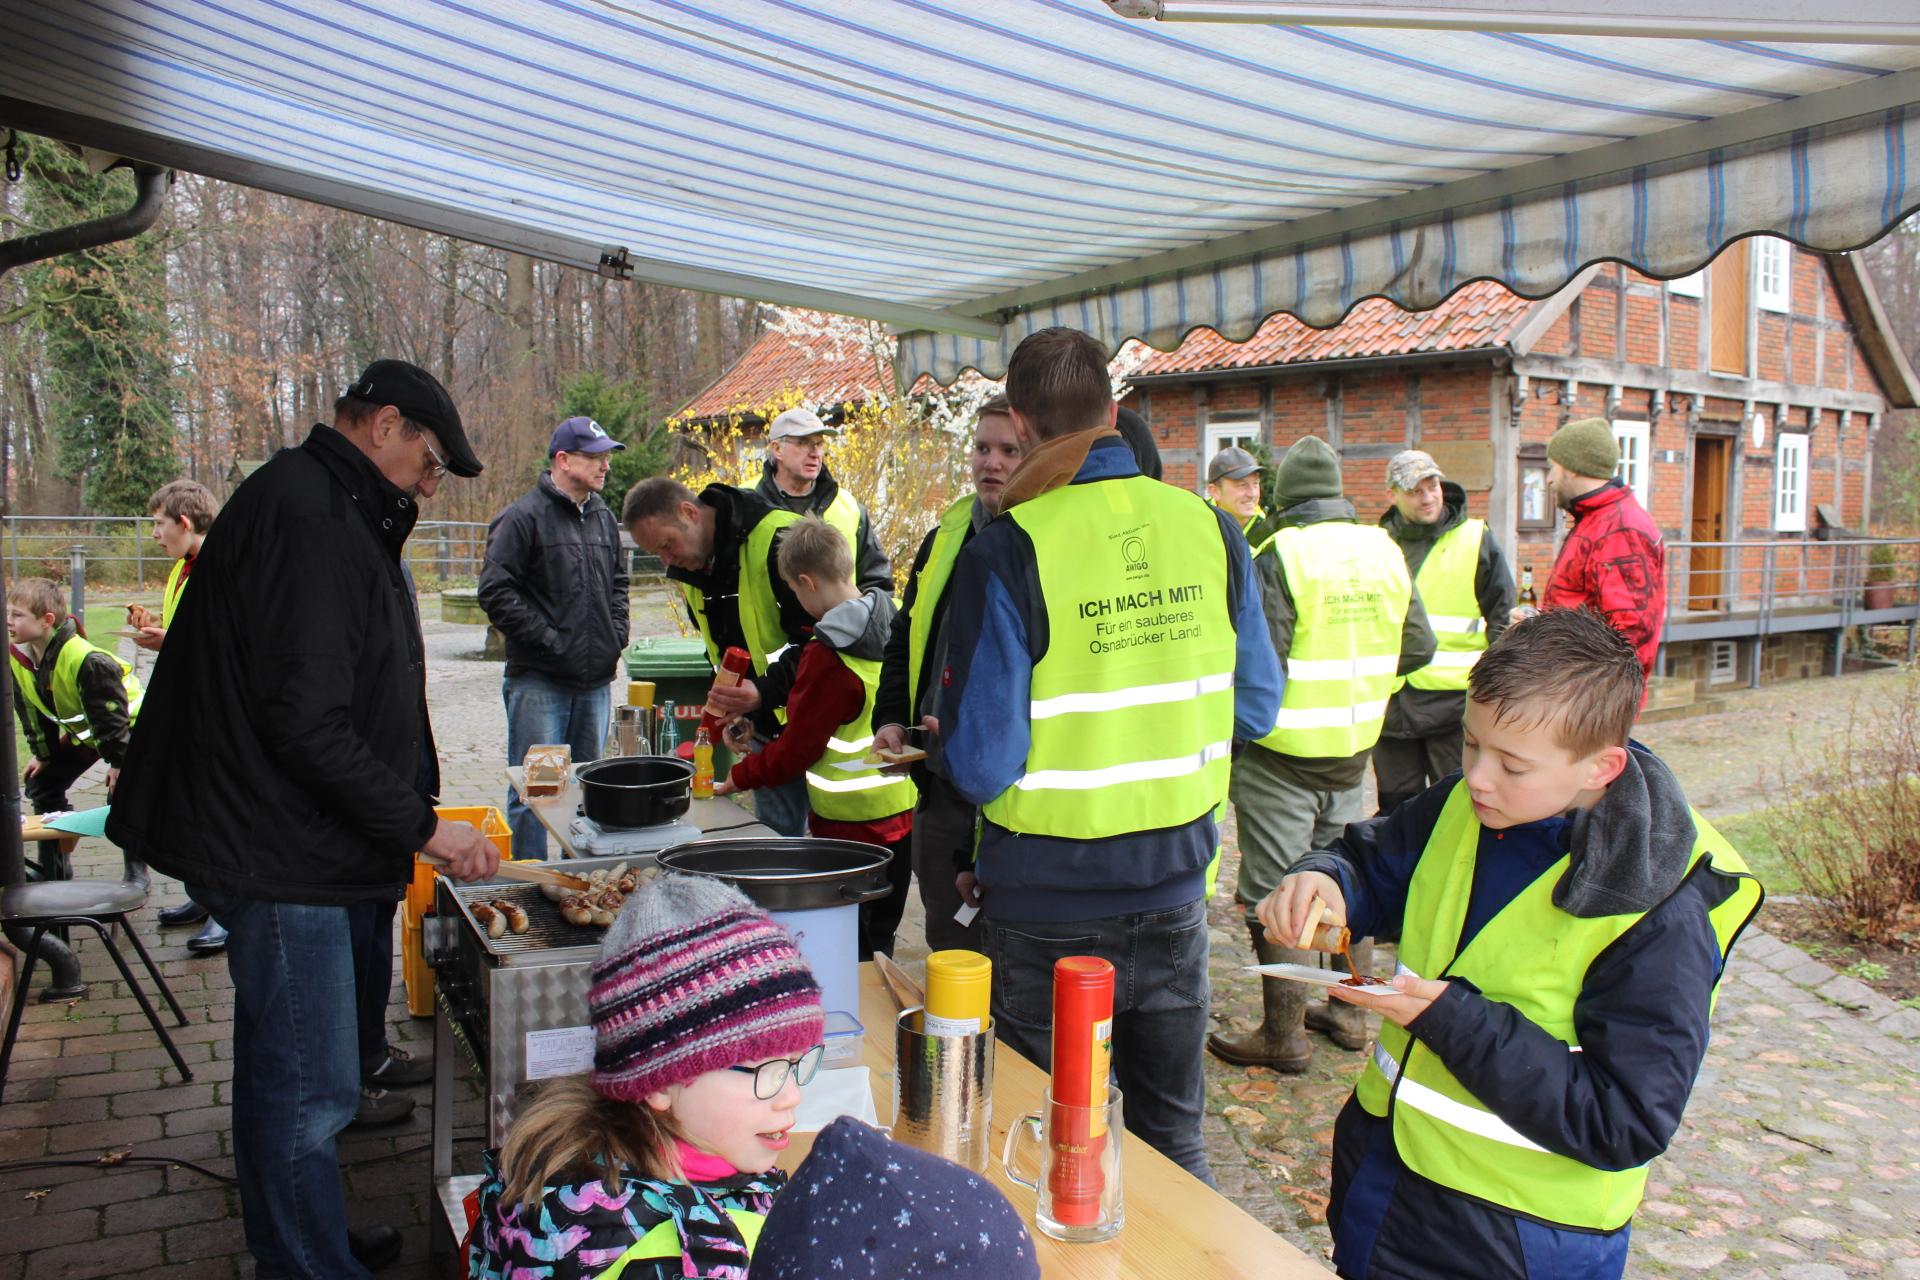 Belohnung des Heimatvereins Bersenbrück für das Müllsammeln, Foto: F. Buitmann